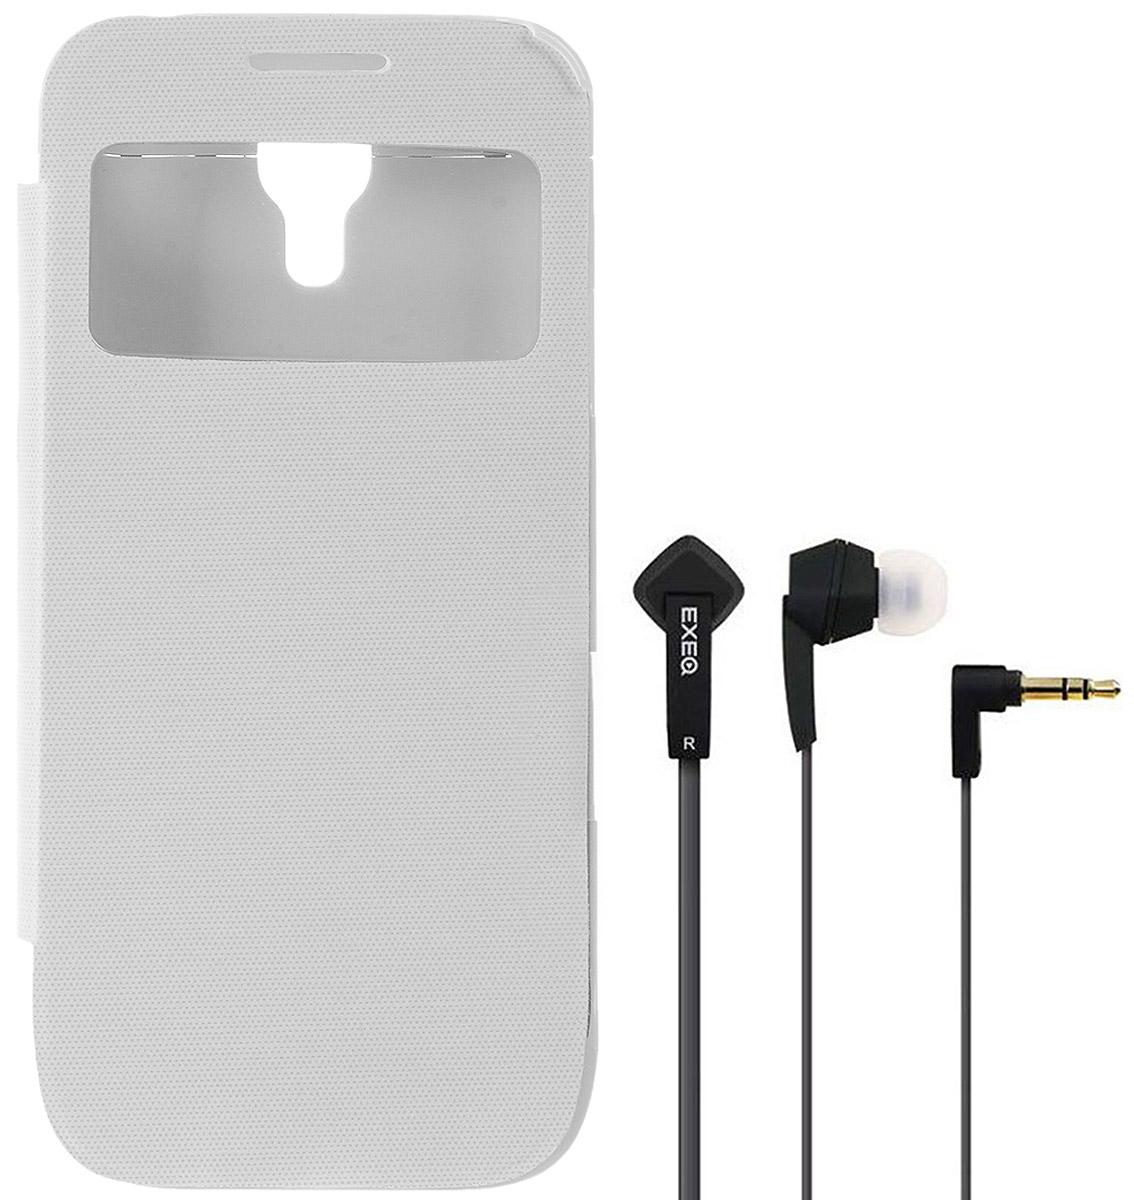 EXEQ HelpinG-SF04 чехол-аккумулятор для Samsung Galaxy S4 mini, White (2200 мАч, флип-кейс)HelpinG-SF04 WHExeq HelpinG-SF04 - элегантный аксессуар для Samsung Galaxy S4 Mini, идеально сочетающий в себе надежный чехол и дополнительный аккумулятор. Как чехол HelpinG-SF04 надежно защитит смартфон от загрязнений, царапин и ударов. Причем надежная защита будет обеспечена не только задней и боковым панелям телефона, но и дисплею - чехол оснащен специальной откидной крышкой Smart-cover, которая не только защитит дисплей, но и позволит регулировать работу экрана. Как внешний аккумулятор с емкостью в 2200 мАч HelpinG-SF04 способен увеличить время работы смартфона в два раза, обеспечив дополнительную подпитку батареи в самые необходимые моменты. При этом чехол-аккумулятор имеет настолько компактные размеры, что его подсоединение практически не повлияет на габариты самого смартфона. Конструкция чехла предусматривает удобный доступ ко всем элементам управления смартфона, камере, встроенному микрофону и динамику. Даже зарядку телефона можно осуществлять непосредственно через чехол, просто подсоединив зарядное устройство телефона к чехлу и нажав кнопку питания на чехле (если кнопку не нажимать, то будет происходить зарядка чехла). Аналогично происходит и подключение телефона к компьютеру - HelpinG-SF04 обеспечивает идеальную передачу данных между смартфоном и другими электронными устройствами.В комплект также входят высококачественные наушники Exeq HPC-002 с плоским кабелем с защитой от спутывания. Для блокировки нежелательных шумов в комплекте с наушниками поставляются мягкие силиконовые амбушюры 3-х размеров, которые удобно помещаются в ушах и не оказывают давления на ушную раковину. Прочный L-образный штекер с позолоченным коннектором 3,5 мм позволит комфортно подключить Exeq HPC-002 ко многим портативным устройствам.Технические характеристики Exeq HPC-002:Частотный диапазон: 19-20000 ГцДинамики: 10 ммЧувствительность: 105 дБИмпеданс: 16 Ом